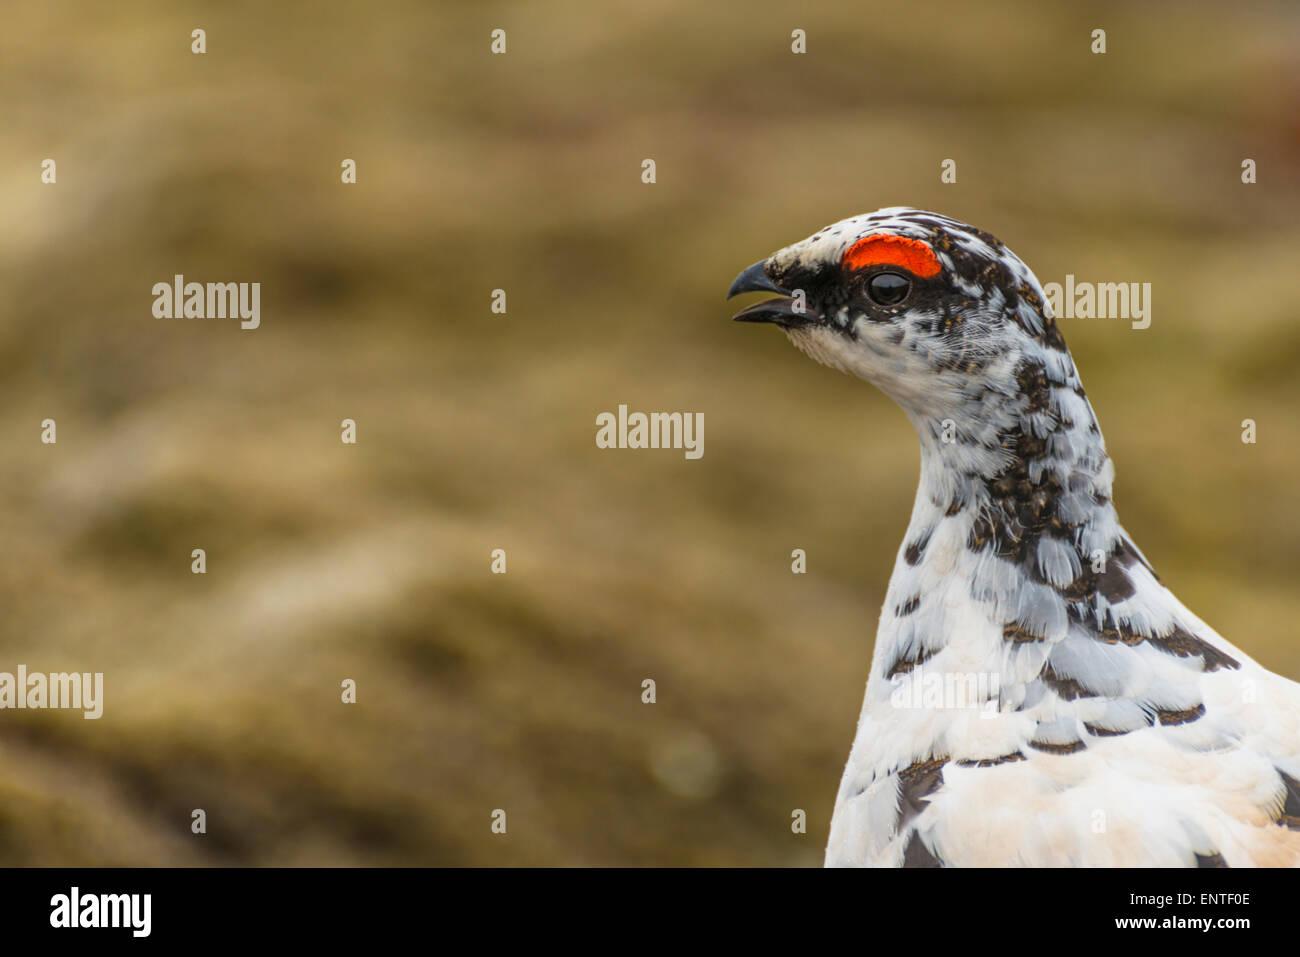 Ptarmigan (Lagopus mutus) in Iceland - Stock Image